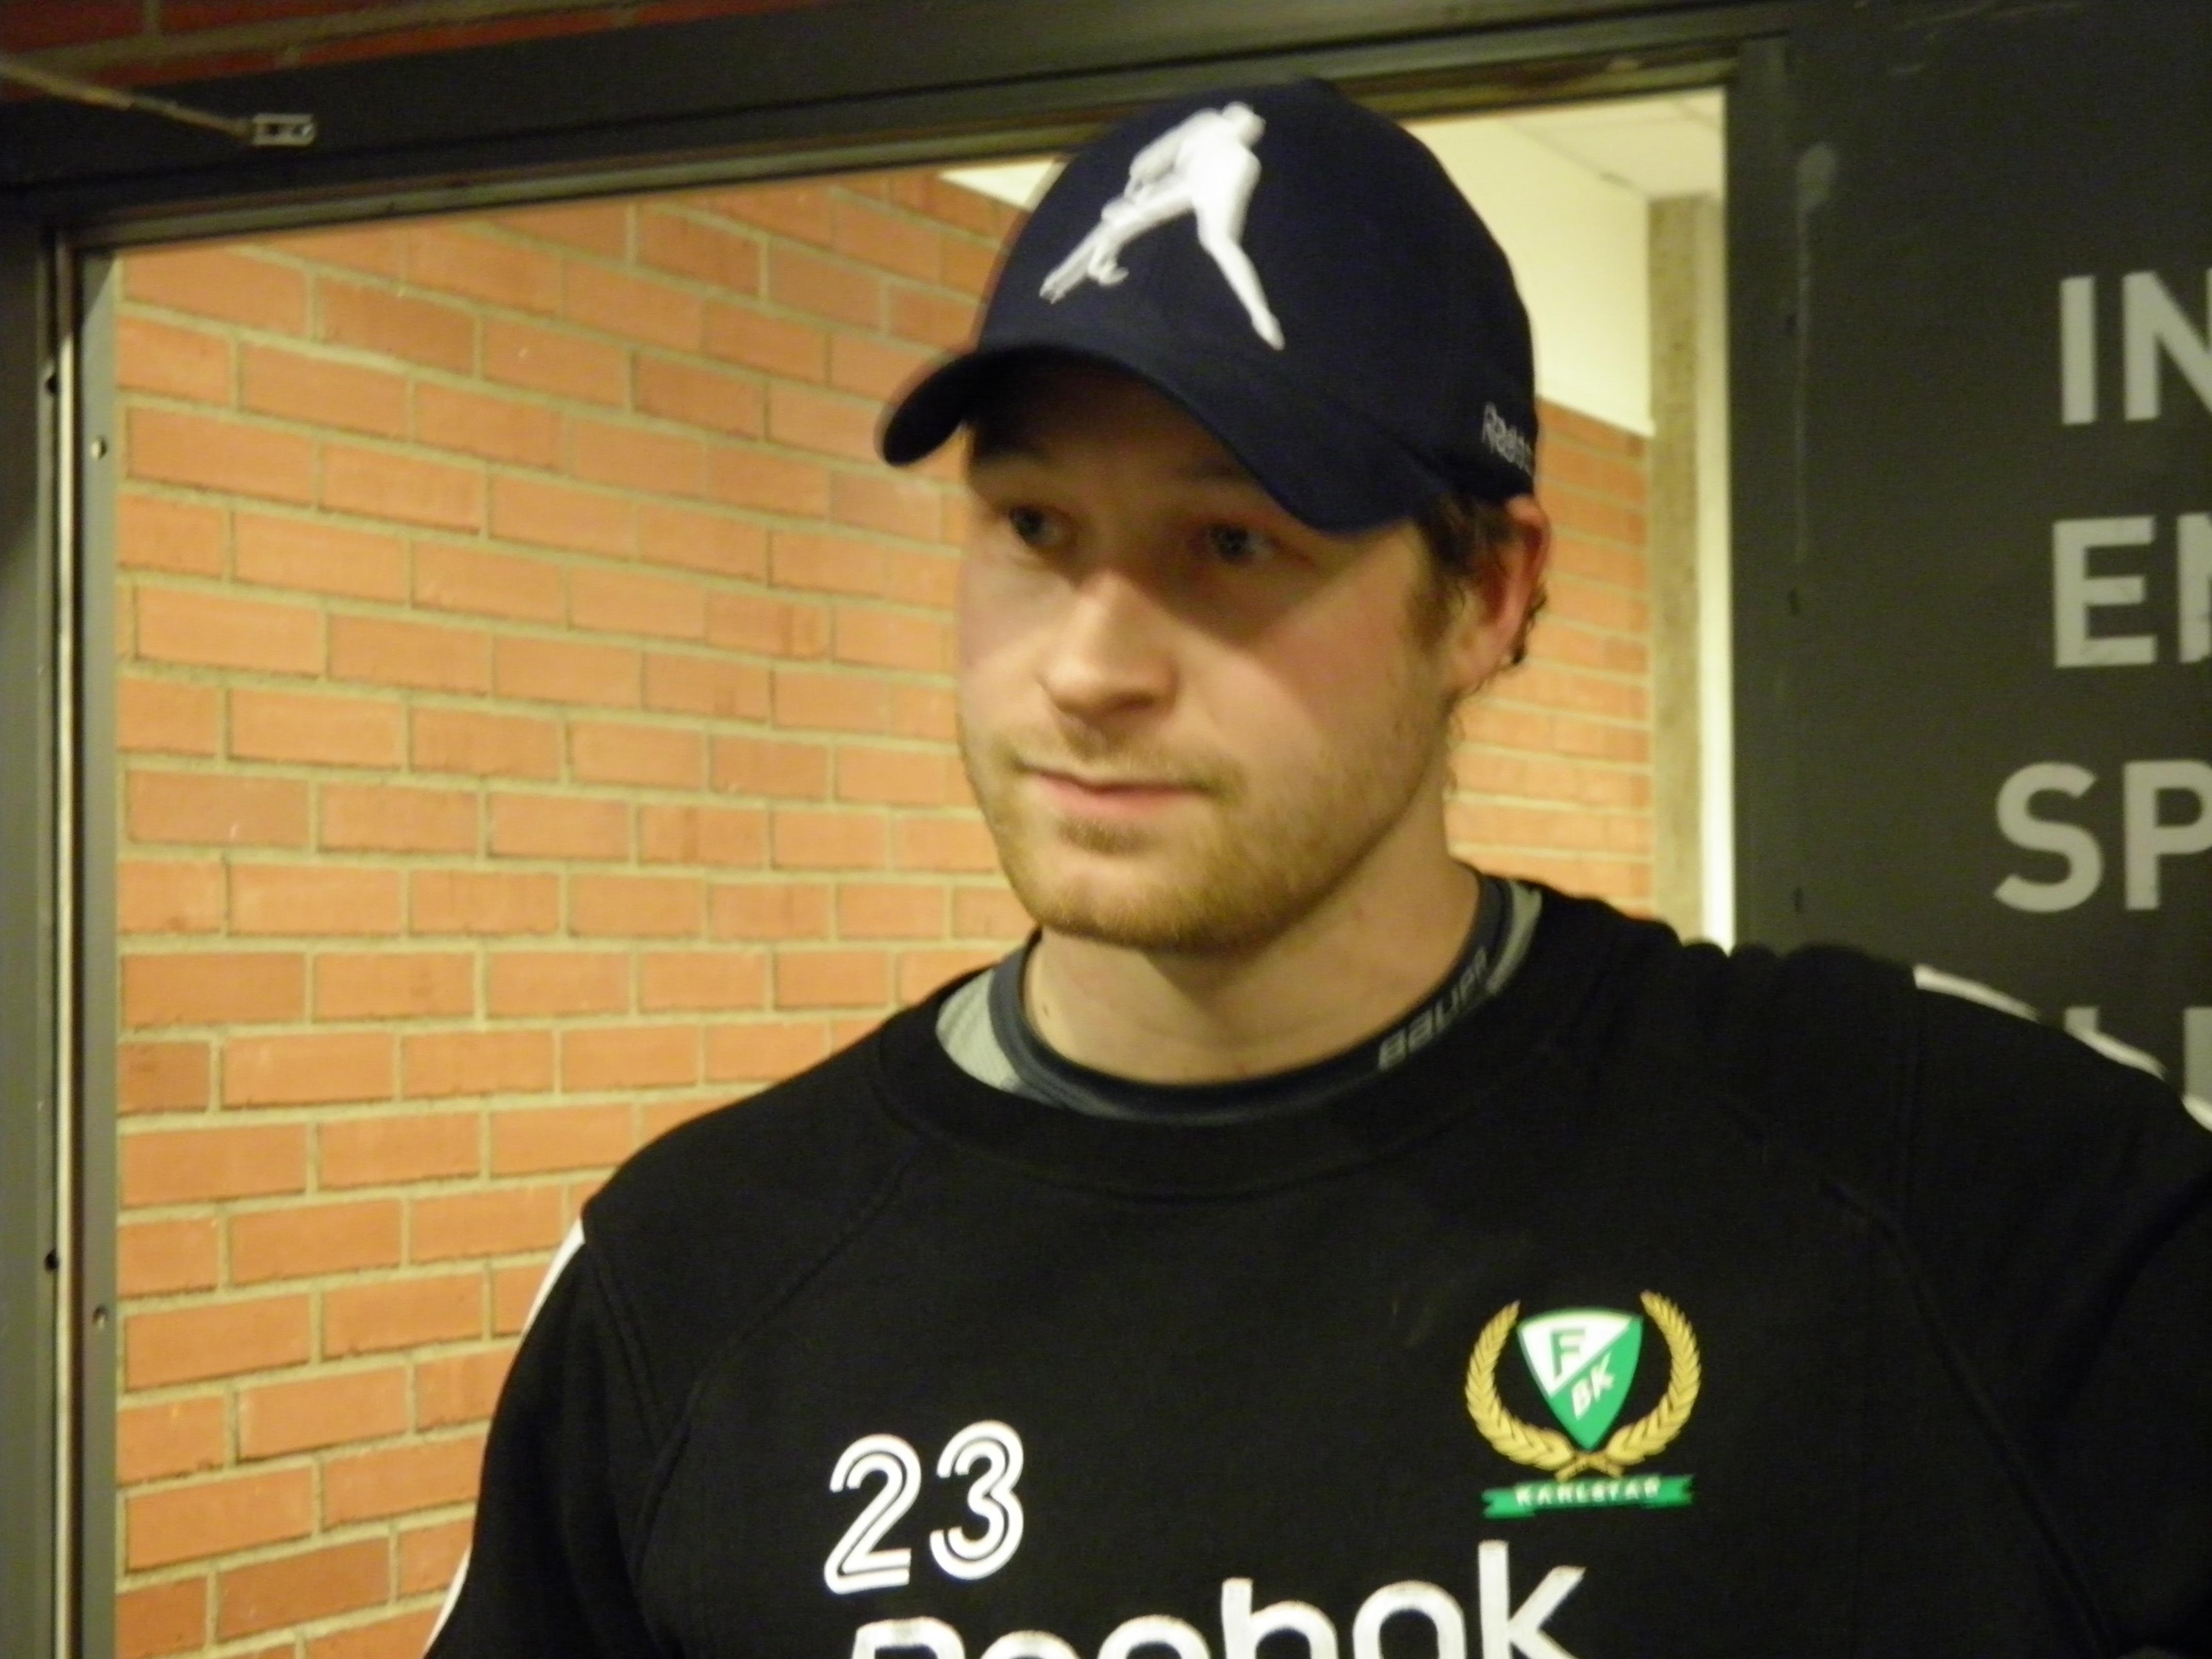 Martin Röymark gjorde sitt femte mål för säsongen när han kvitterade till 1-1 mot HV71 på lördagskvällen. Foto:Marie Angle/fbkbloggen